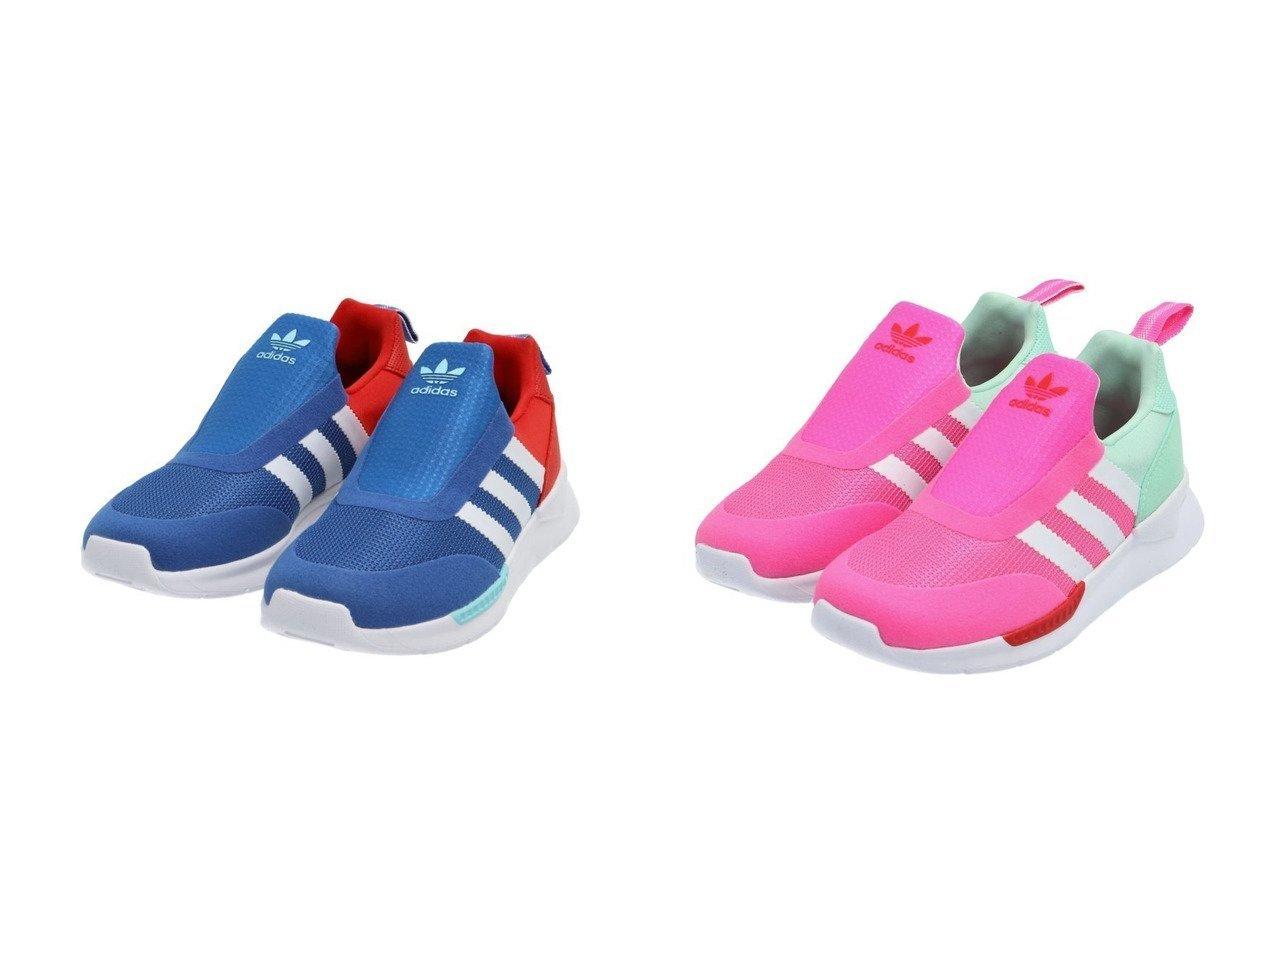 【adidas Originals / KIDS/アディダス オリジナルス】のZX 360 C 【KIDS】子供服のおすすめ!人気トレンド・キッズファッションの通販 おすすめで人気の流行・トレンド、ファッションの通販商品 メンズファッション・キッズファッション・インテリア・家具・レディースファッション・服の通販 founy(ファニー) https://founy.com/ ファッション Fashion キッズファッション KIDS シューズ スリッポン ランニング 再入荷 Restock/Back in Stock/Re Arrival |ID:crp329100000030161